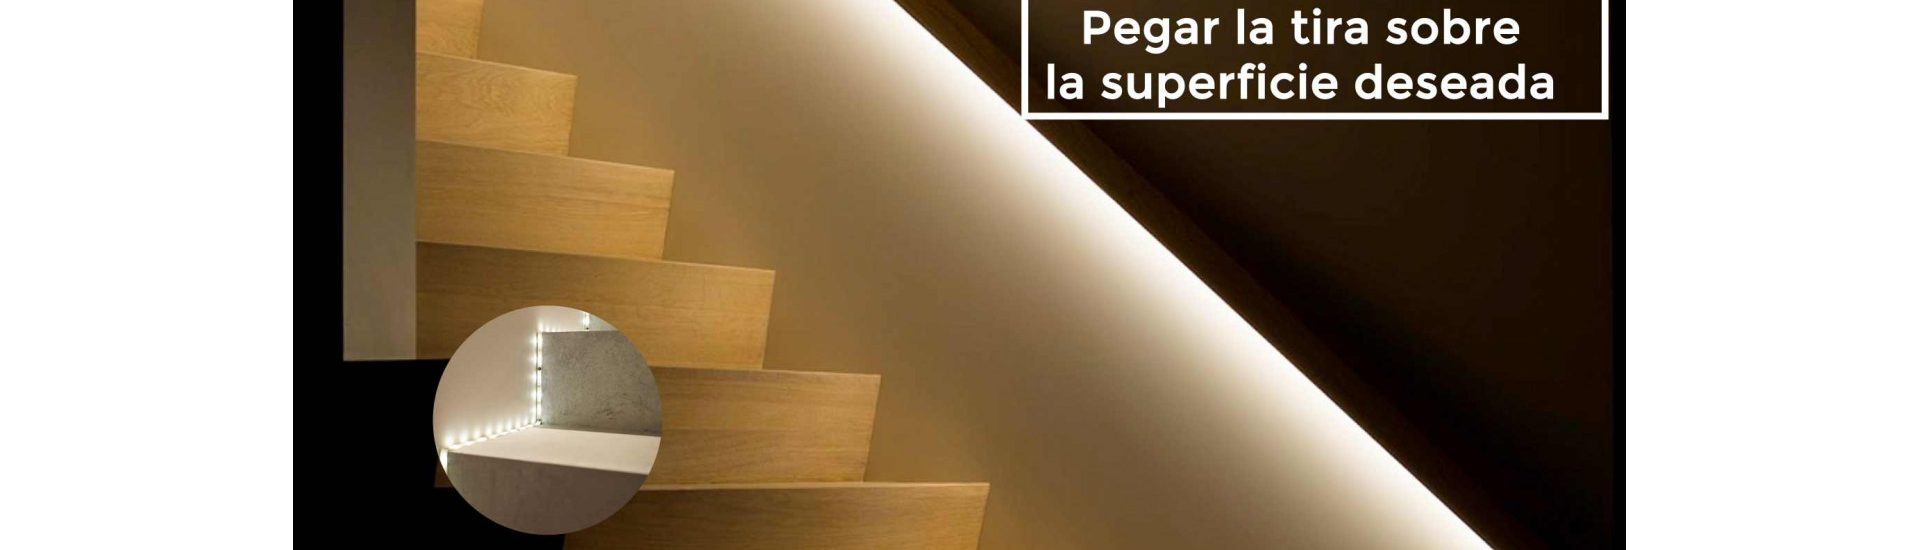 Cómo conectar tiras LED en serie